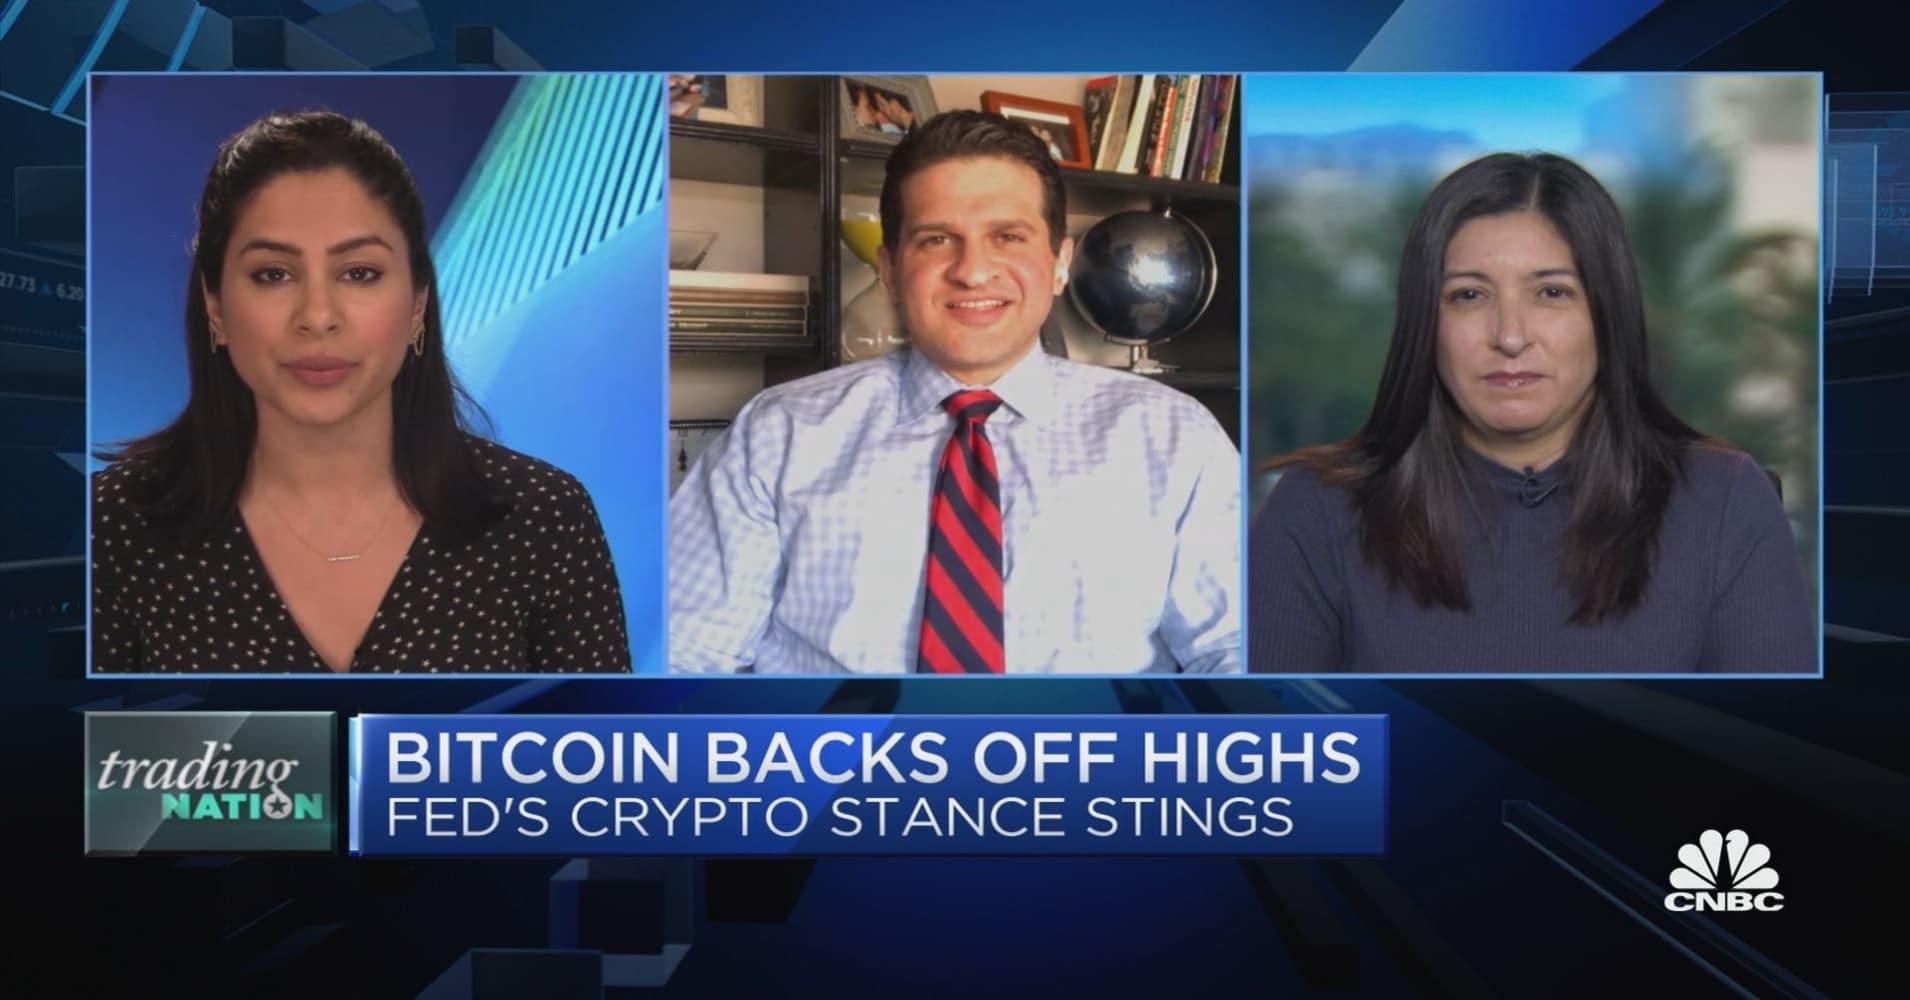 Bitcoinas stabilizuos iki 2019 m. 50 tūkst. Dolerių: Neu-Ner